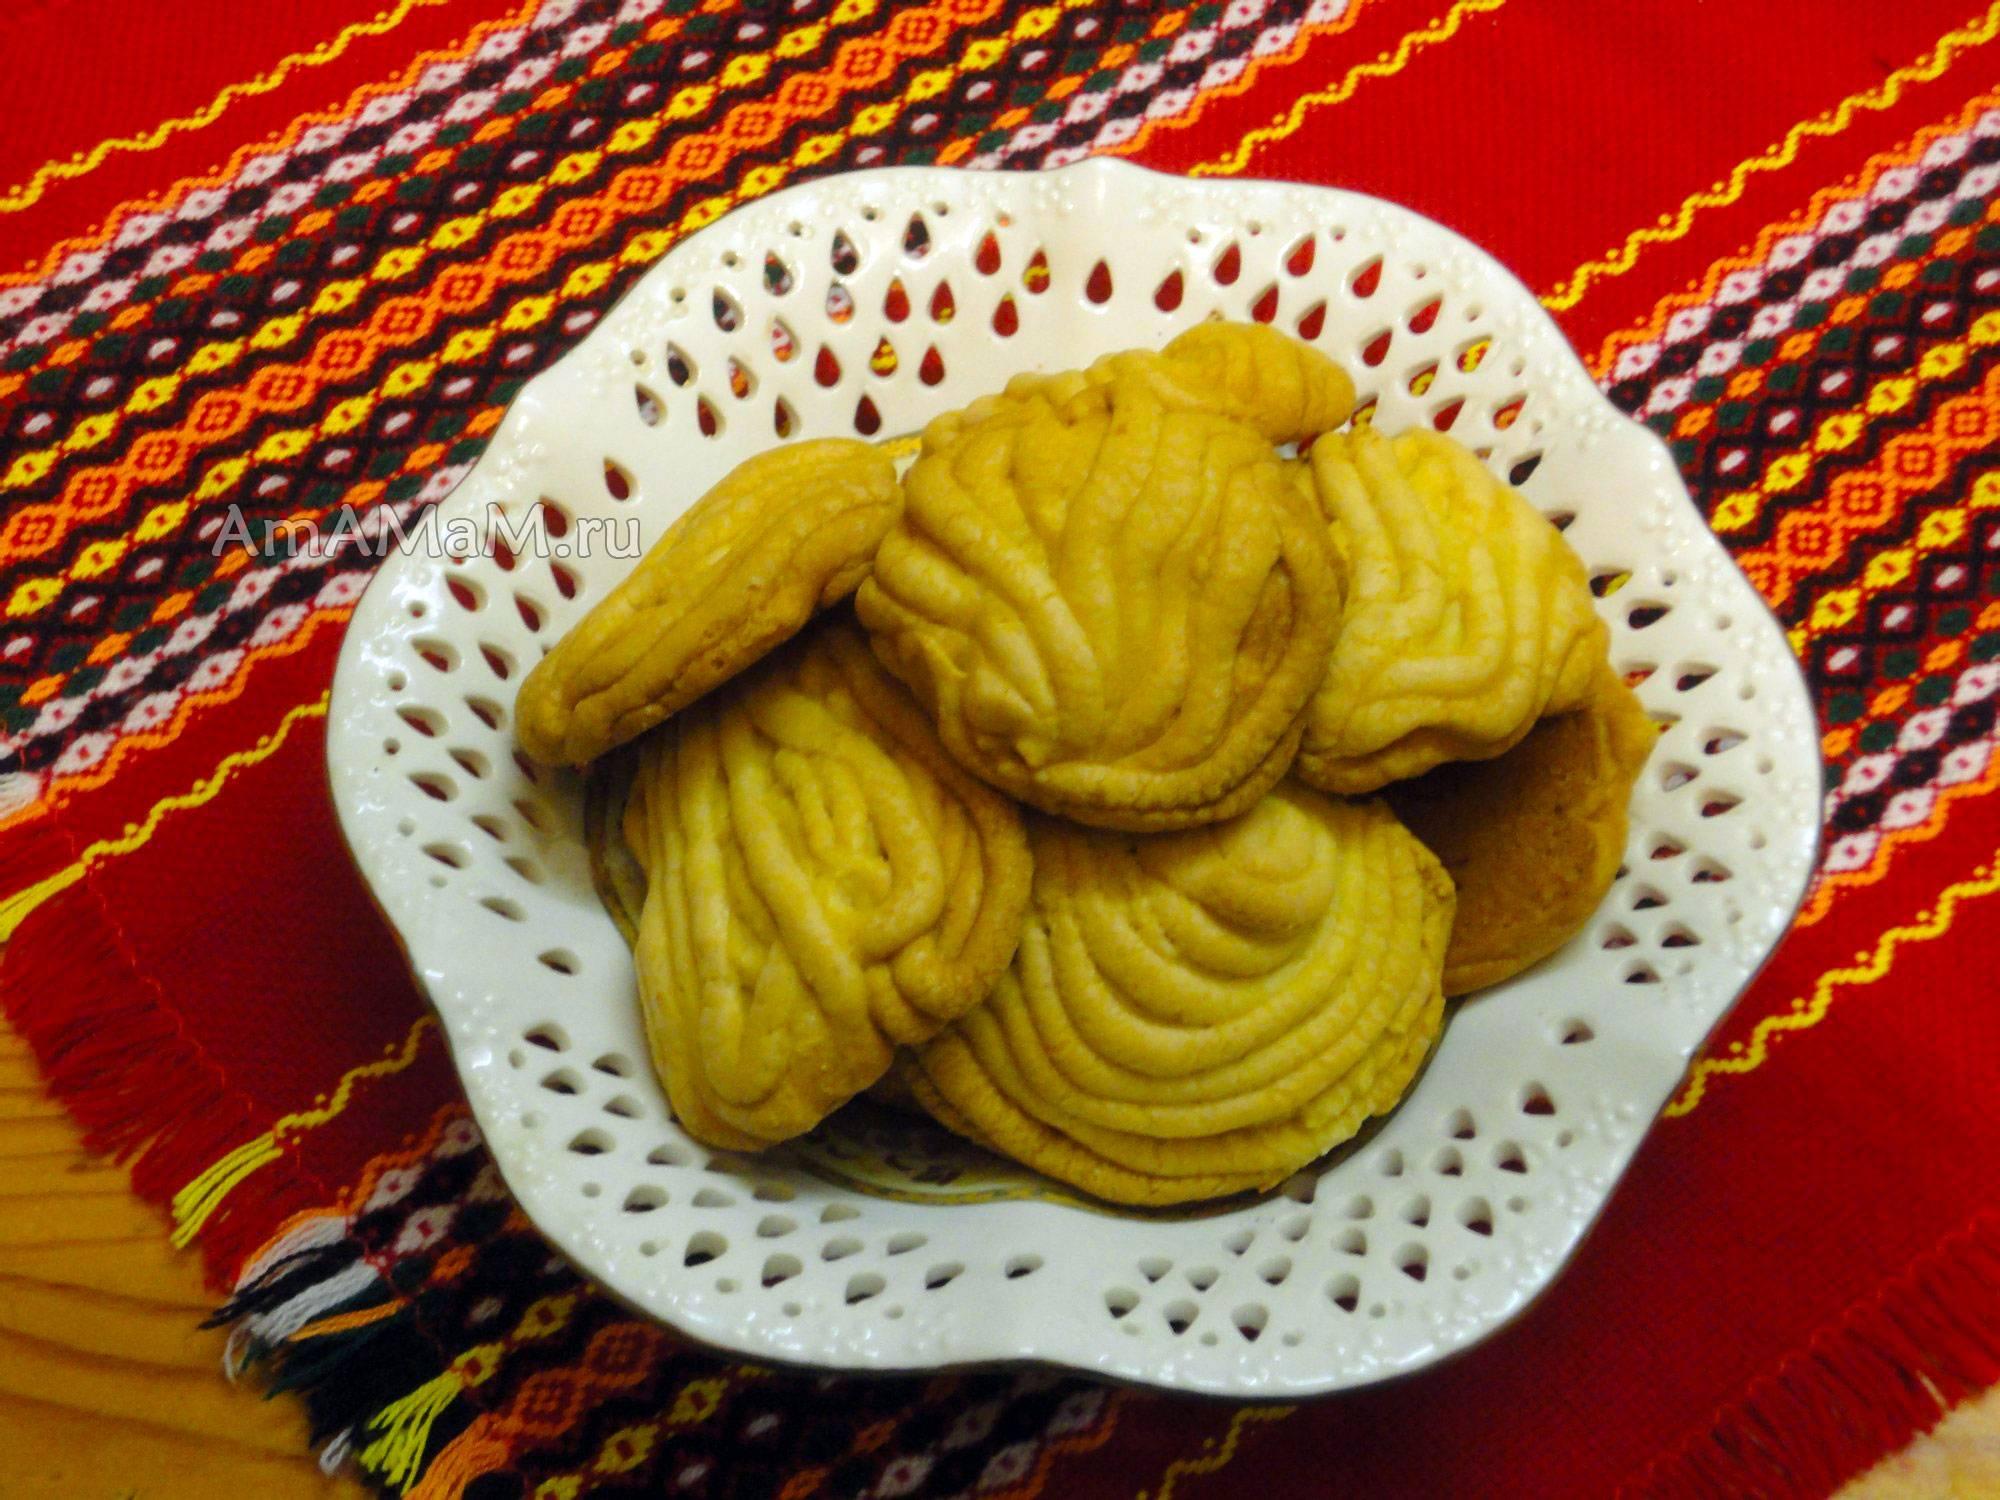 Печенье через мясорубку рецепт с фото пошагово